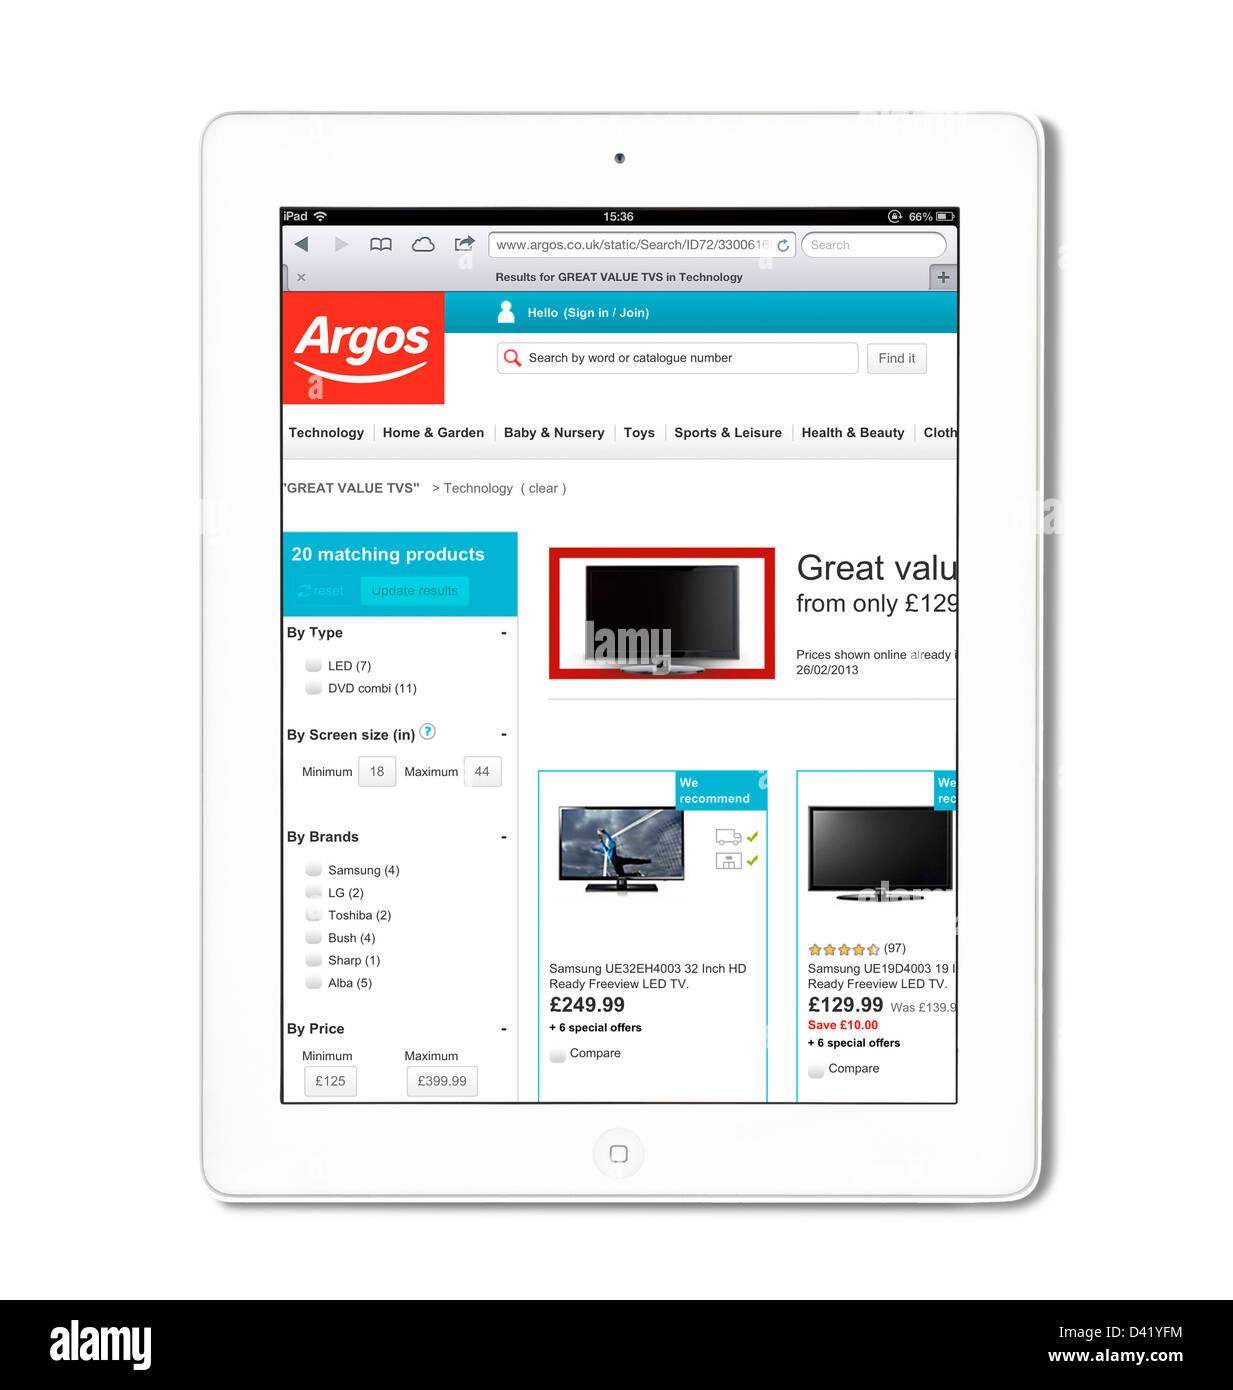 El sitio web del catálogo de la tienda Argos vistos en una 4ª generación de Apple iPad Imagen De Stock